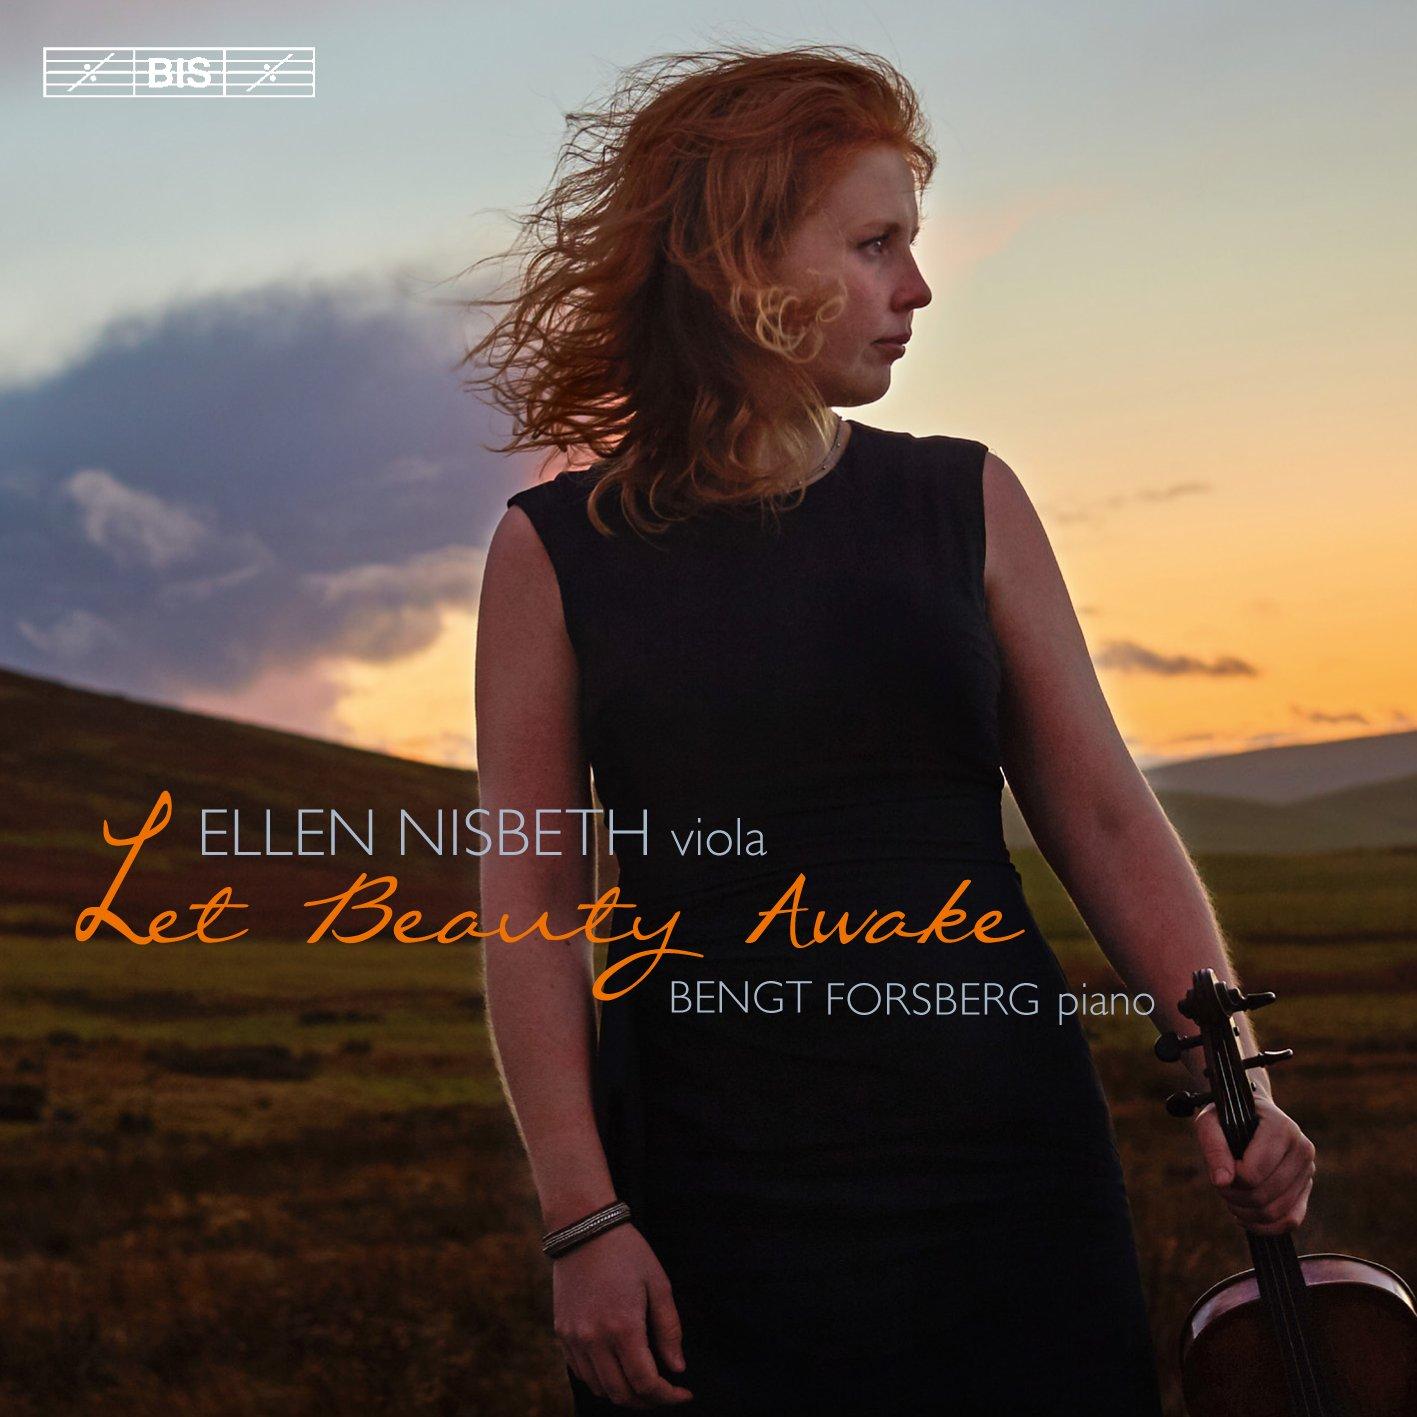 SACD : Ellen Nisbeth - Bengt Forsberg - Let Beauty Awake (Hybrid SACD)